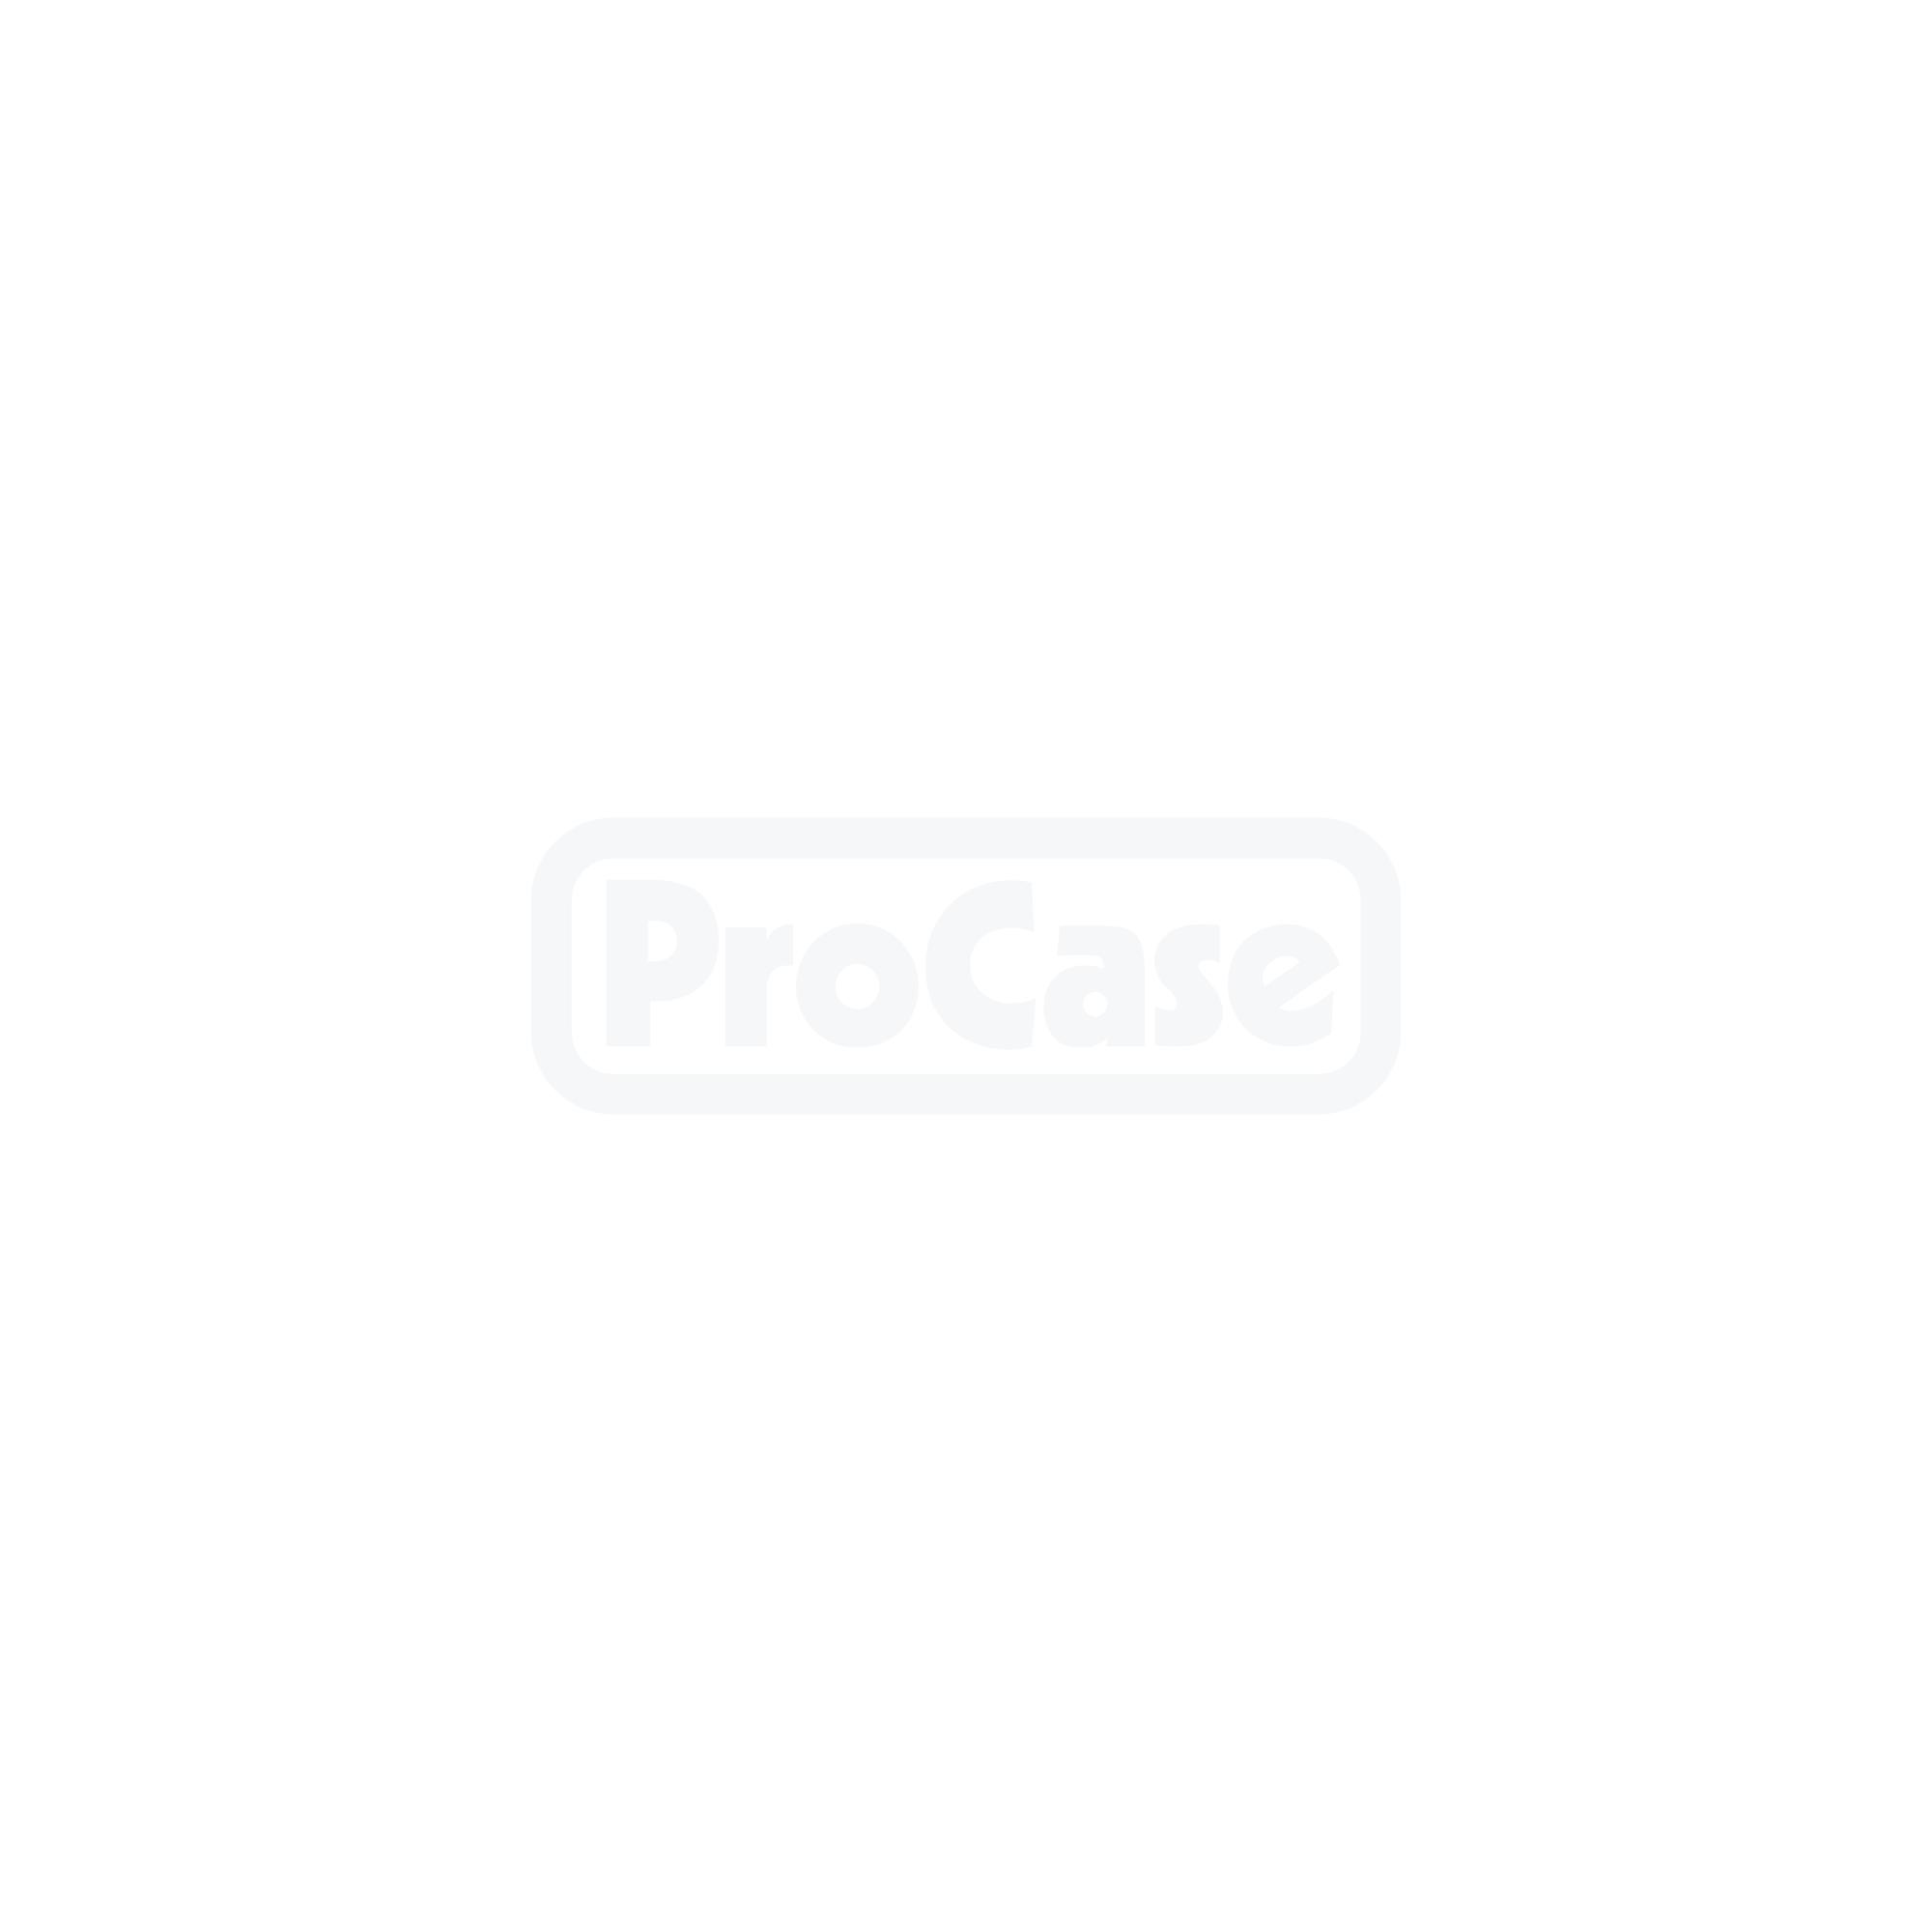 QSD-Rack 16HE 800 mm tief 2